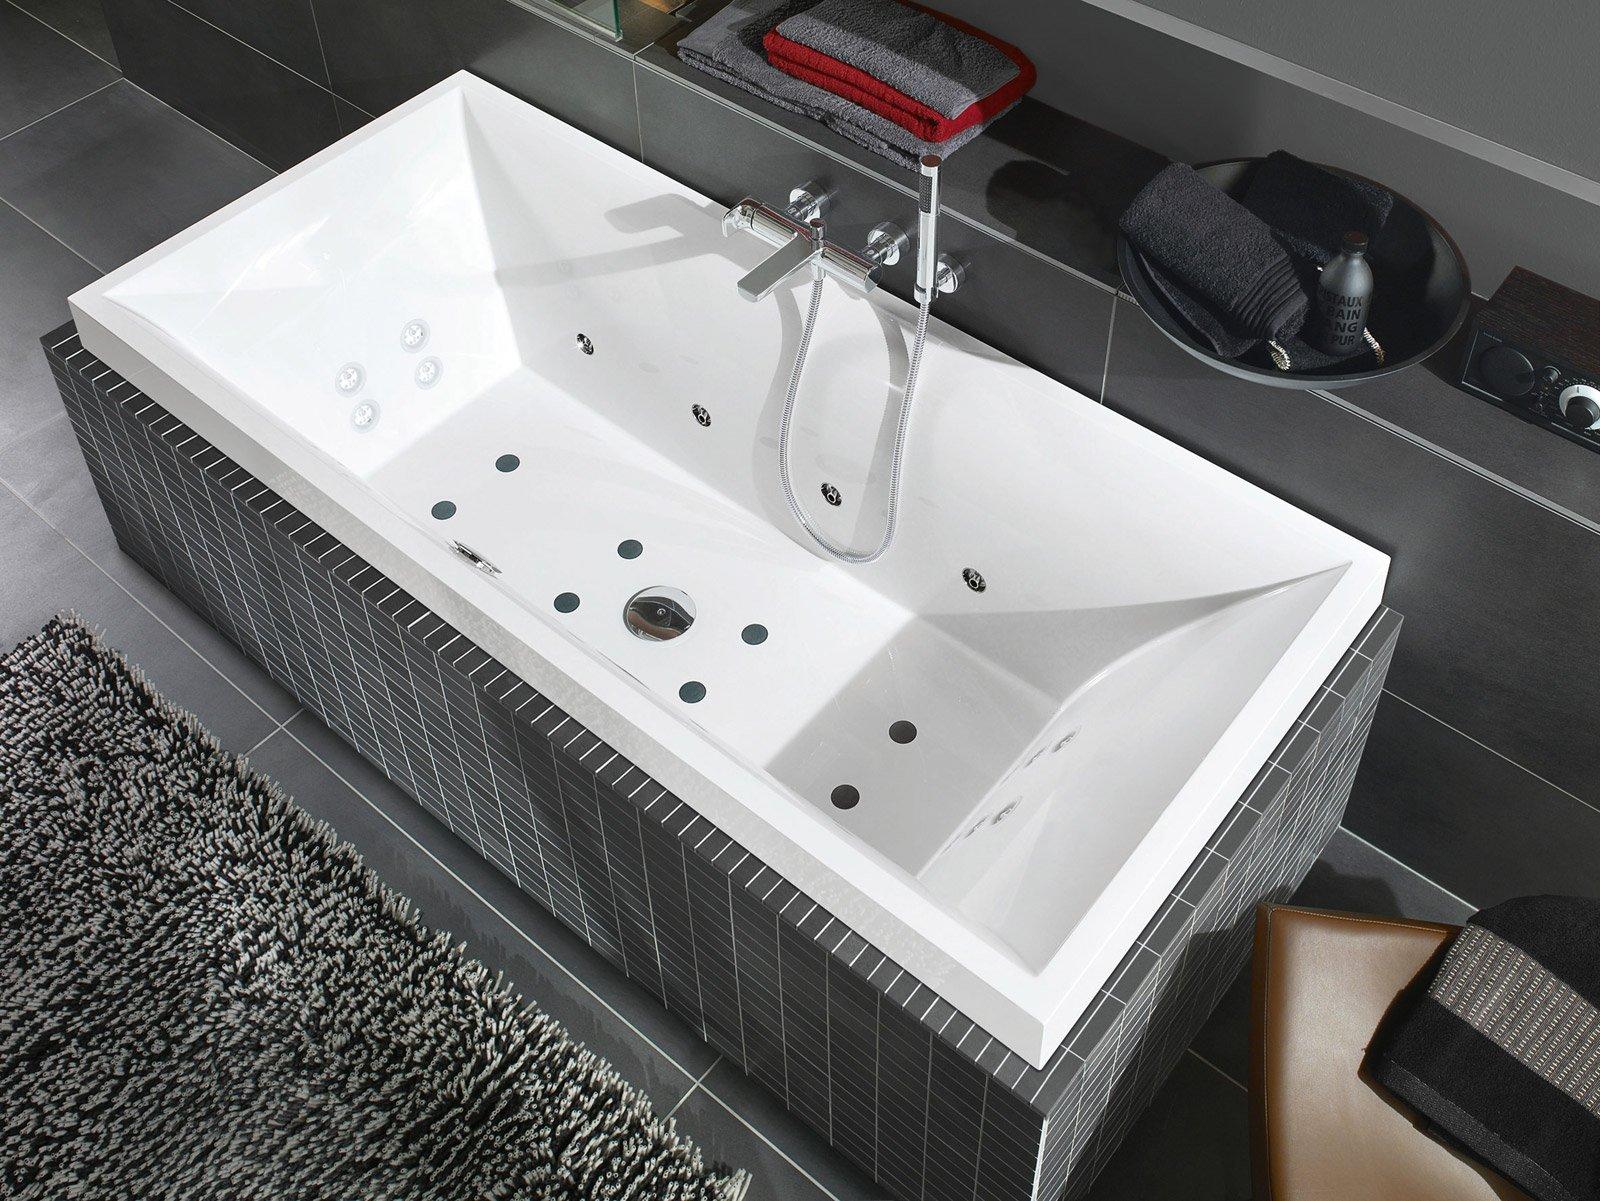 Vasca Da Bagno Villeroy Boch Prezzi : Bagno: come attrezzarlo per il tuo benessere cose di casa